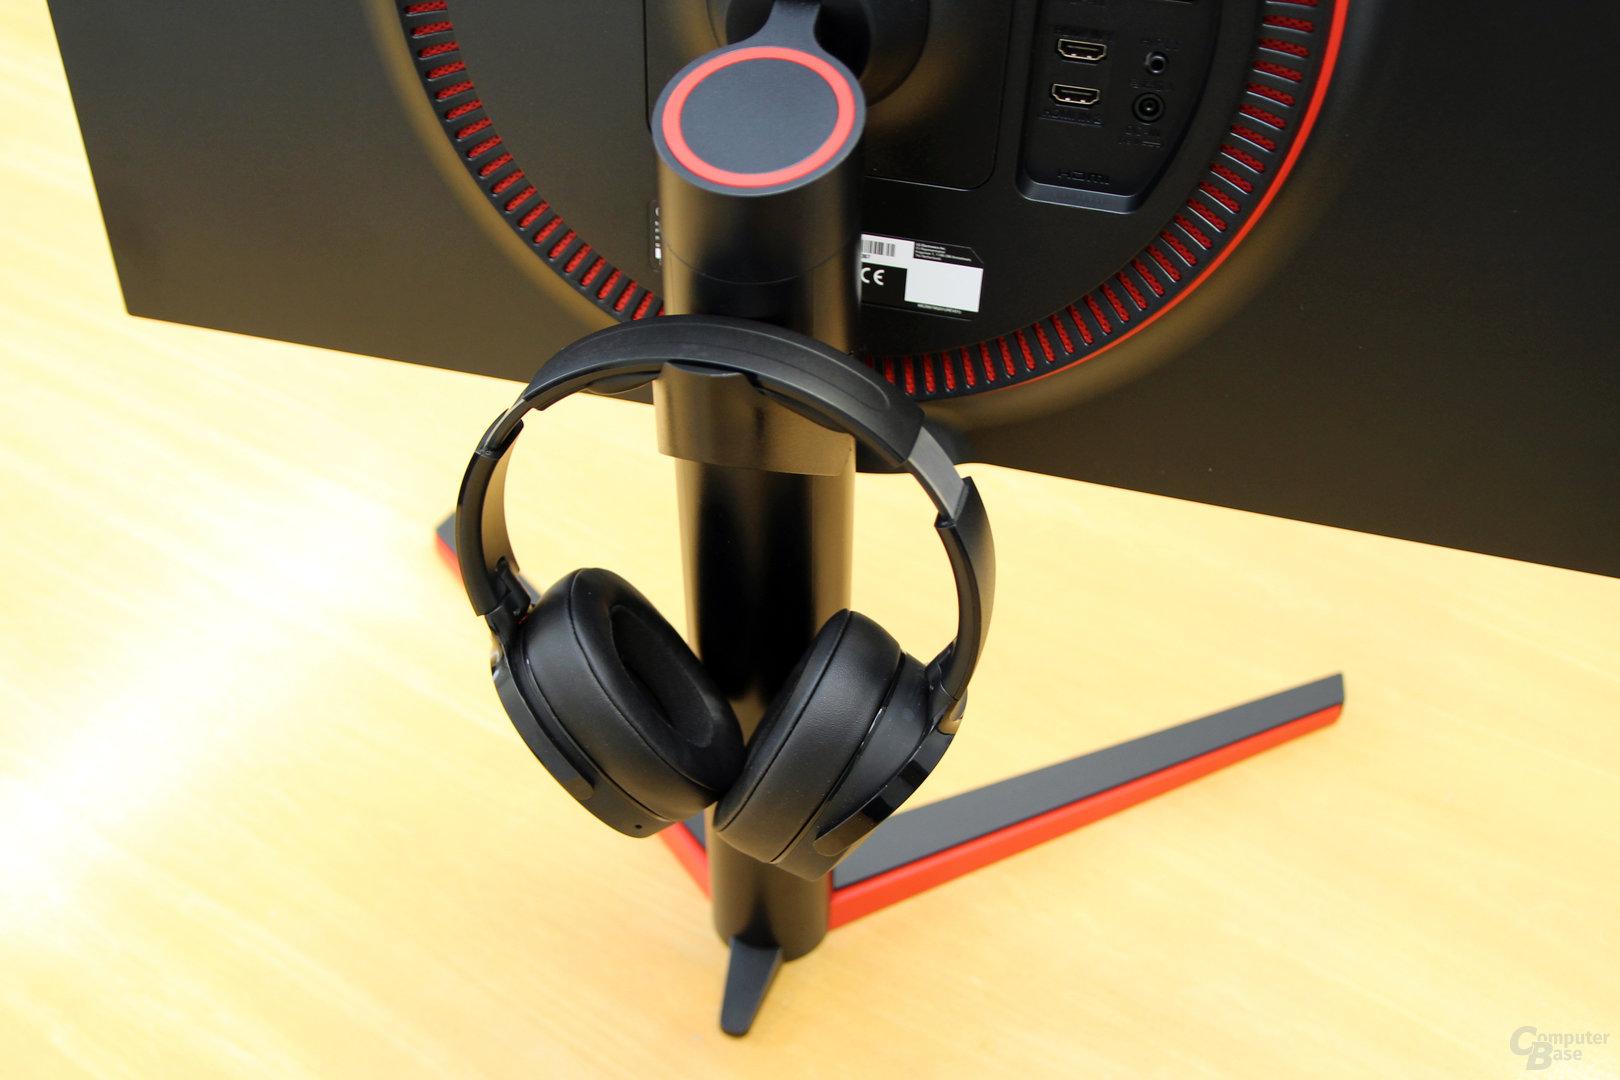 LG 27GK750F – Headset-Halterung am Standfuß